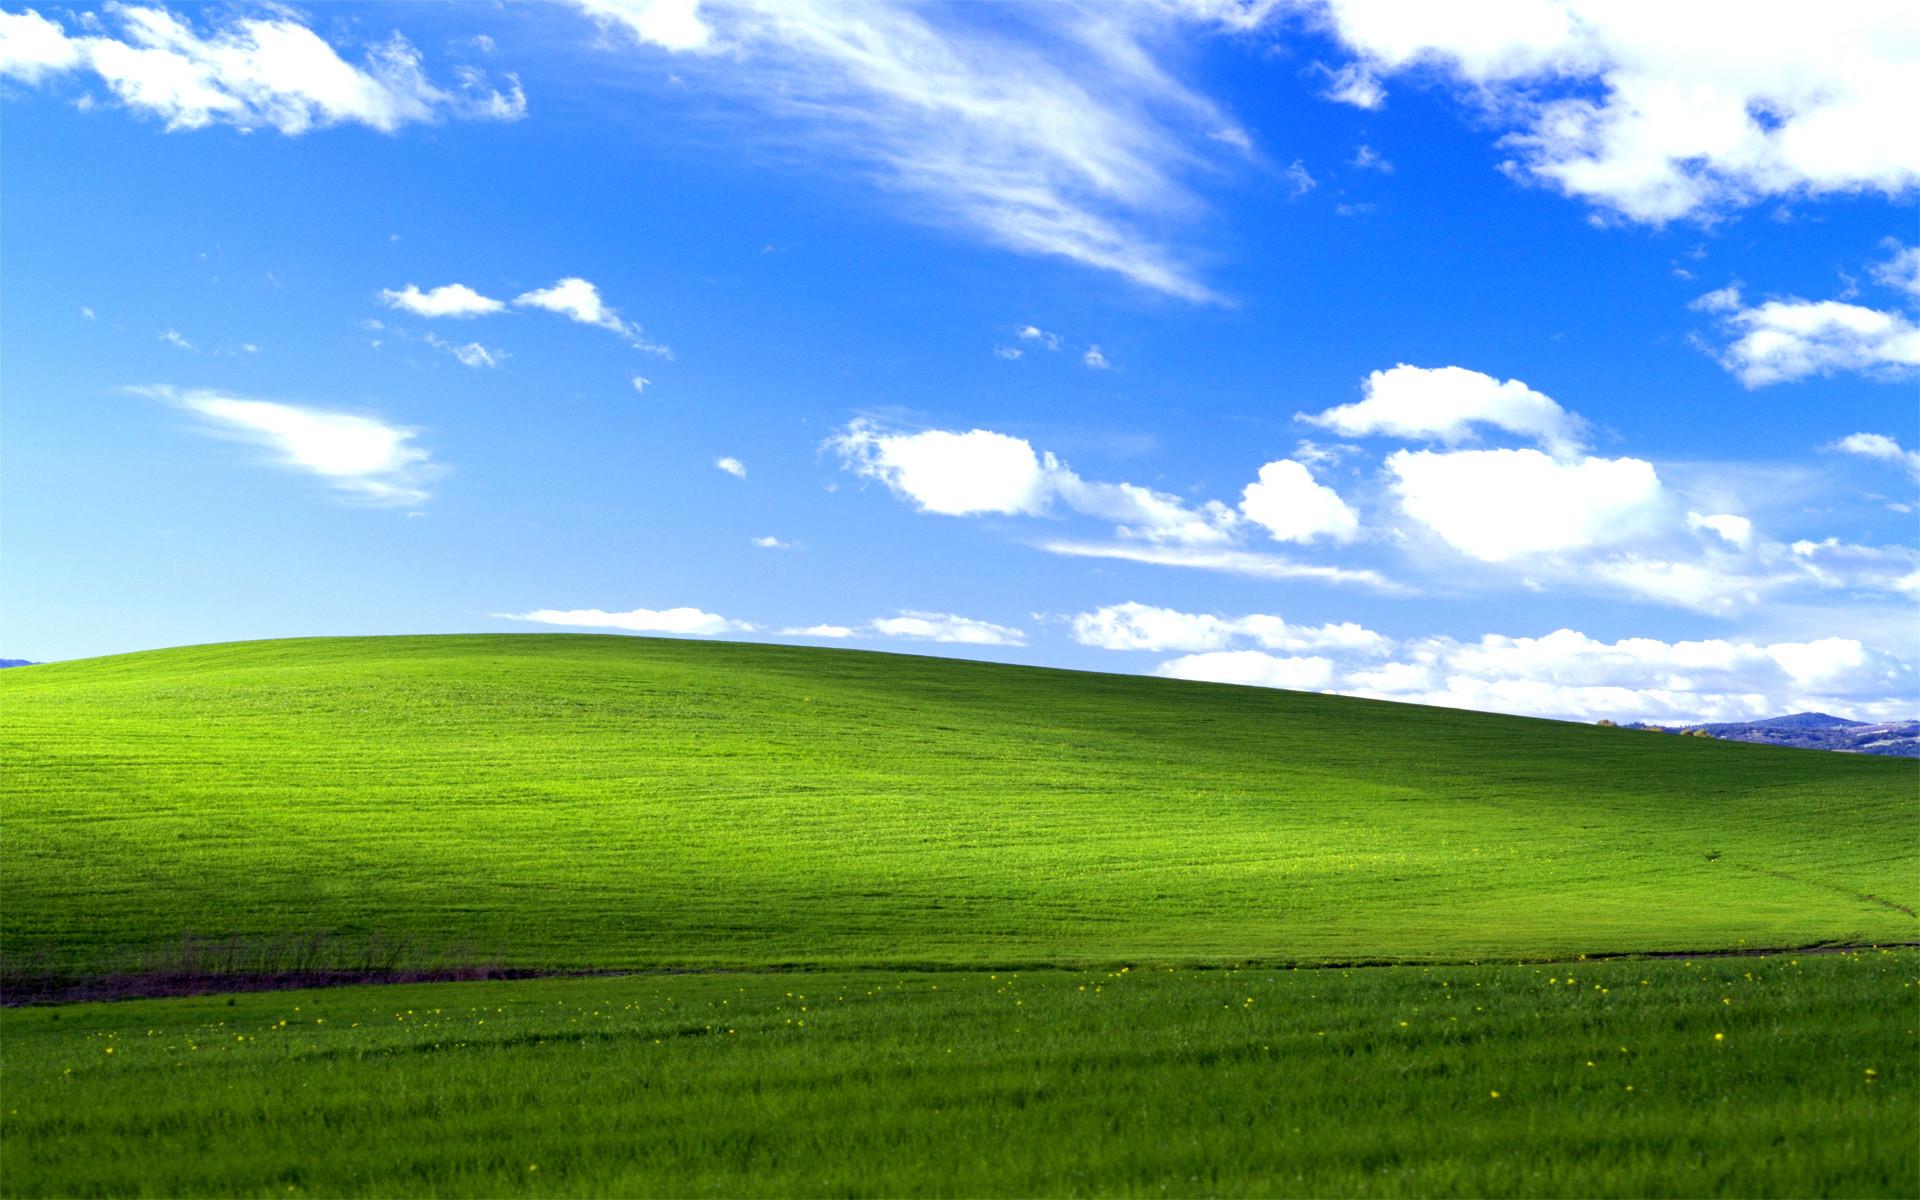 Windows XP Desktop Backgrounds 43 images 1920x1200